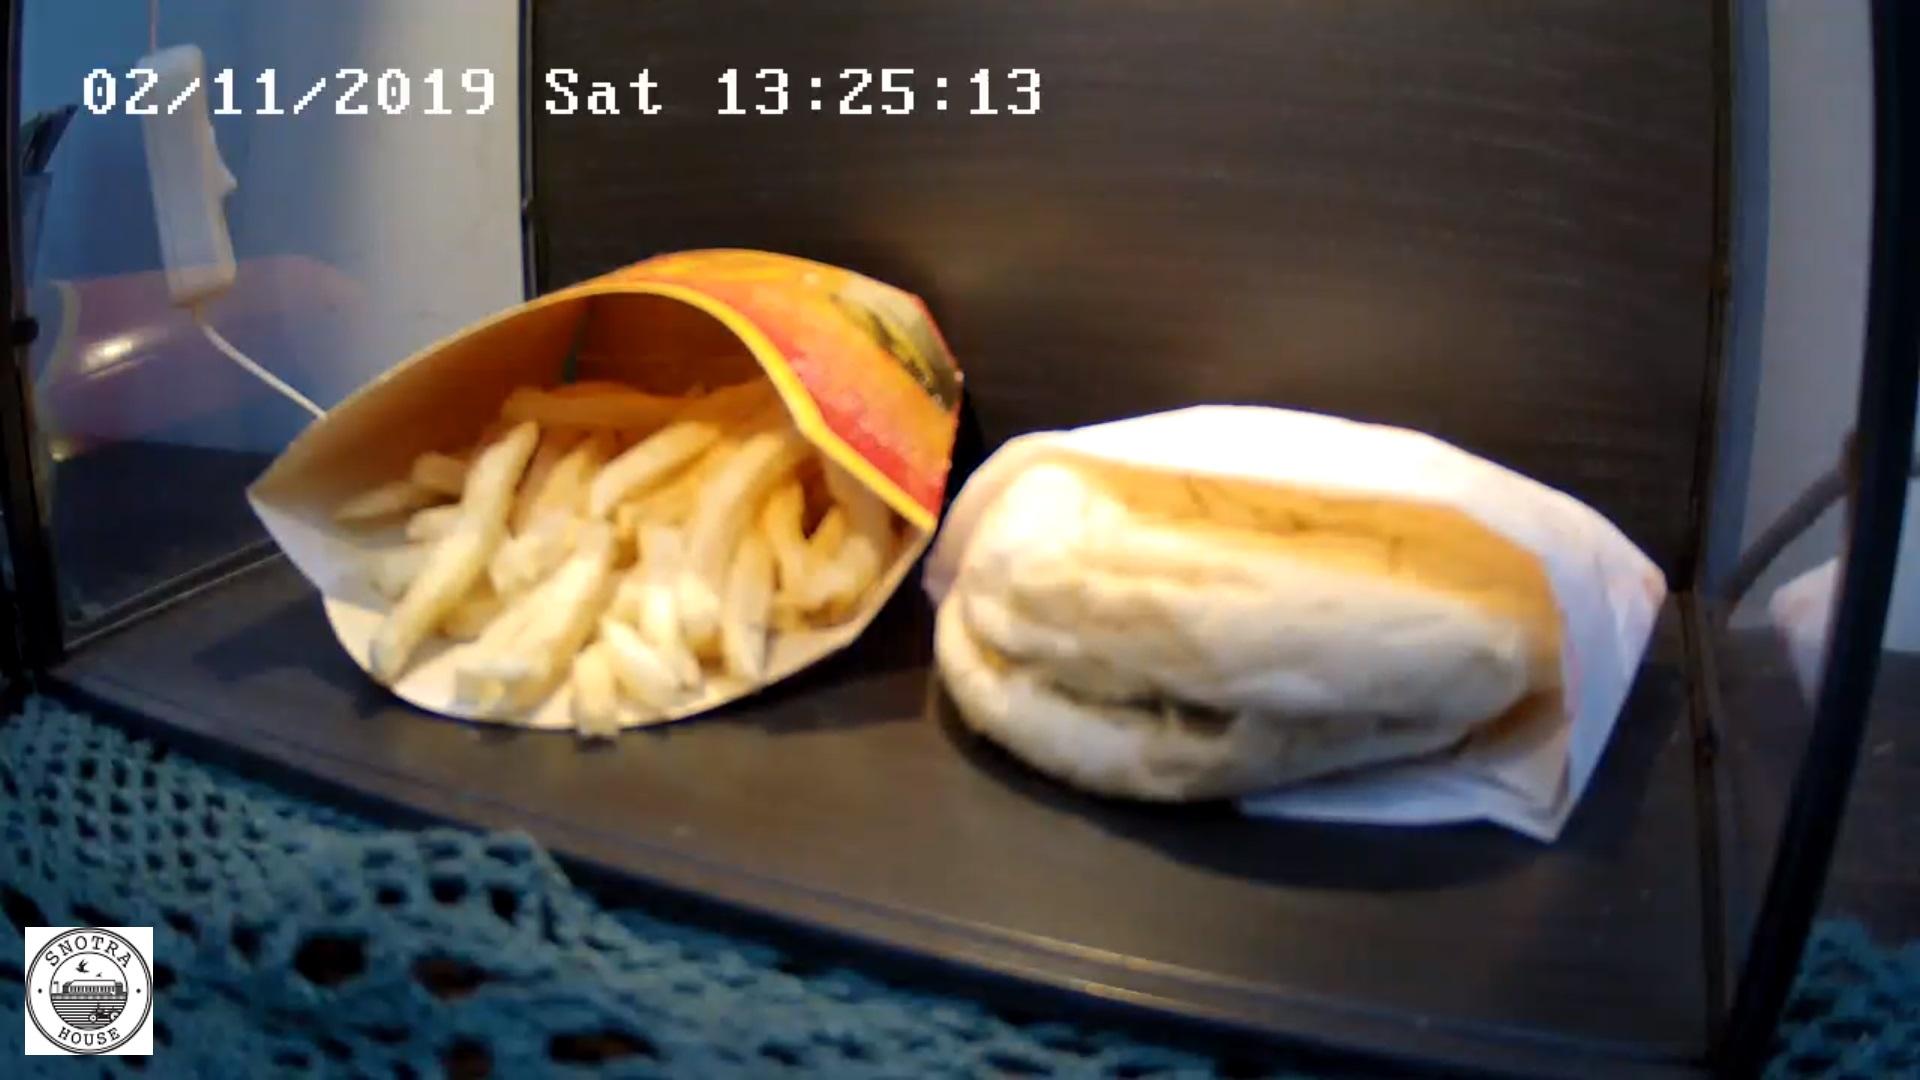 Cum arată un hamburger vechi de 10 ani. Imaginile au fost transmise LIVE